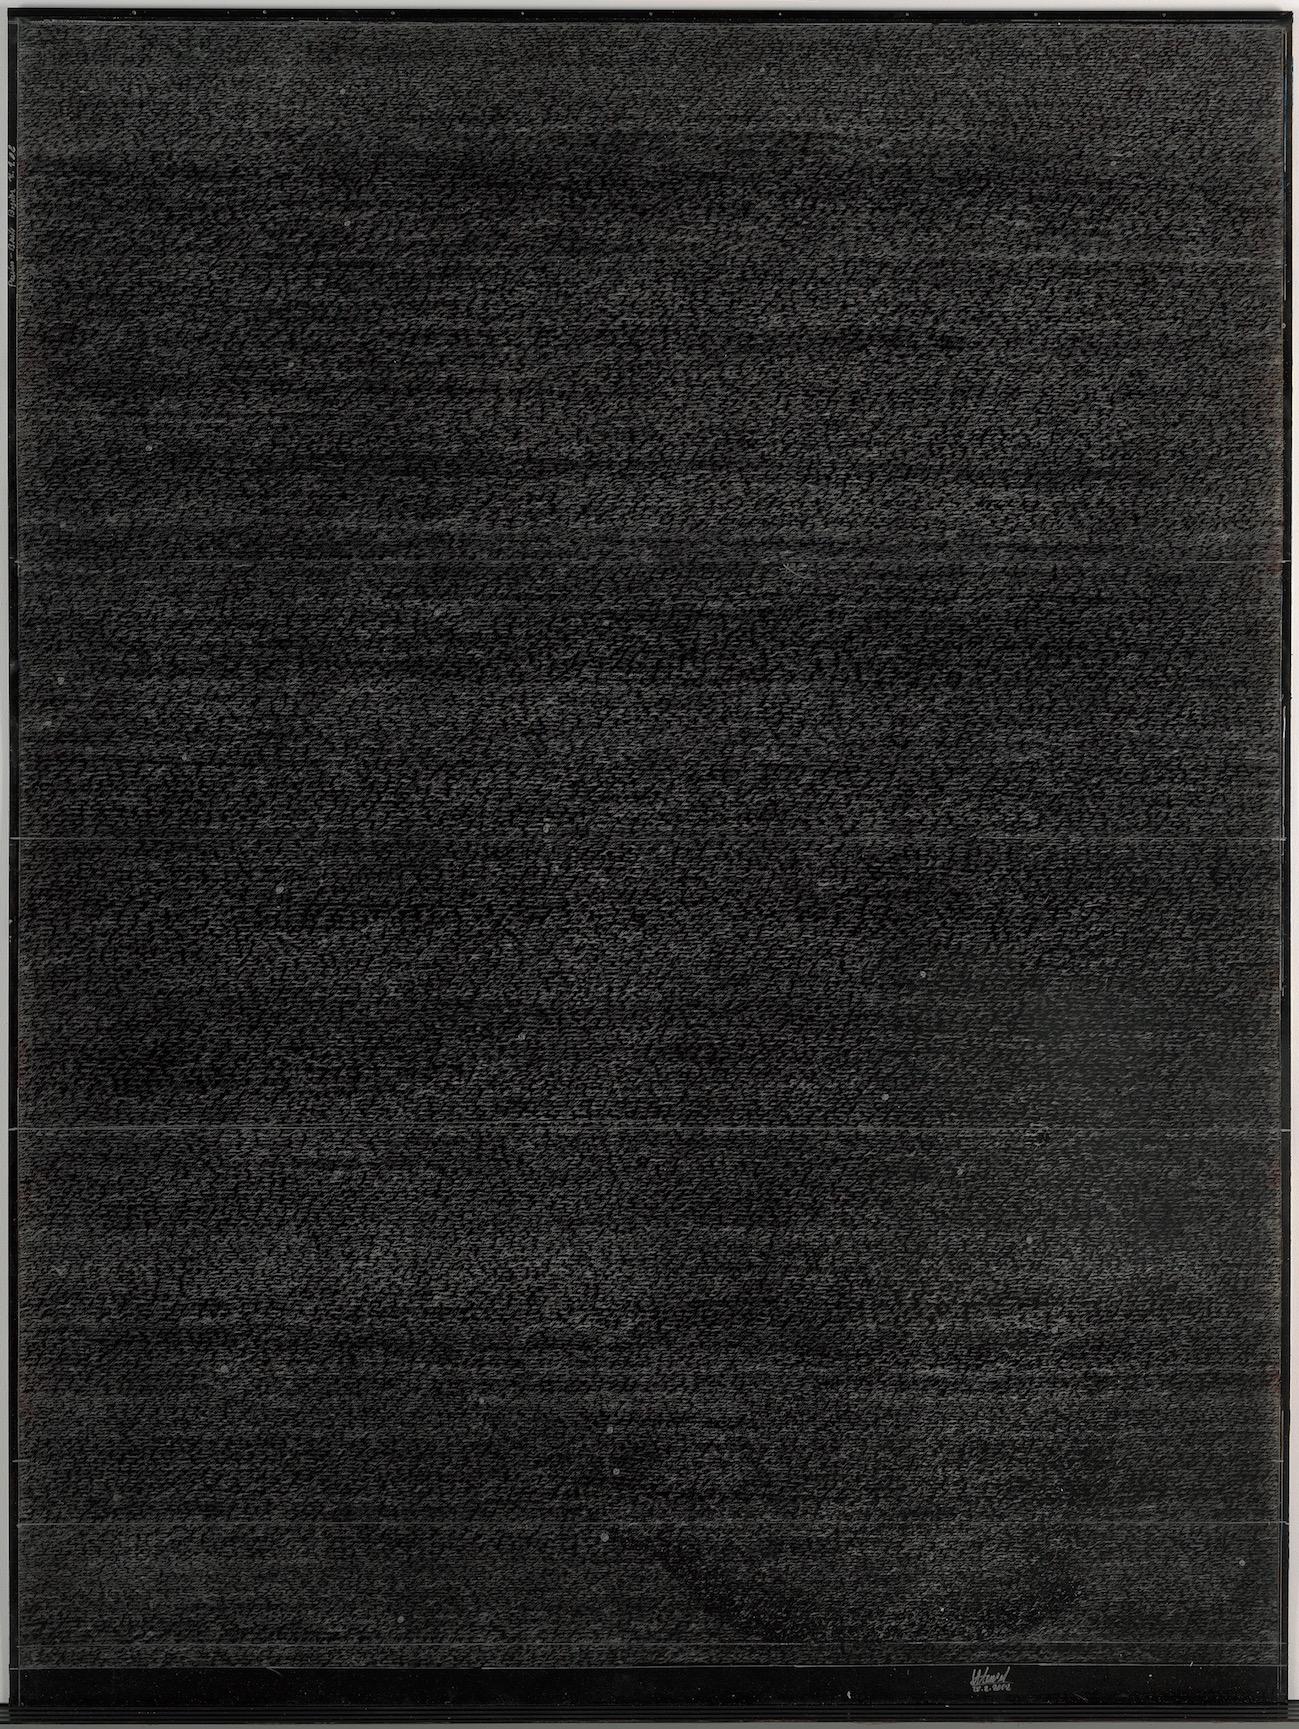 Gegenbild - G 140x185